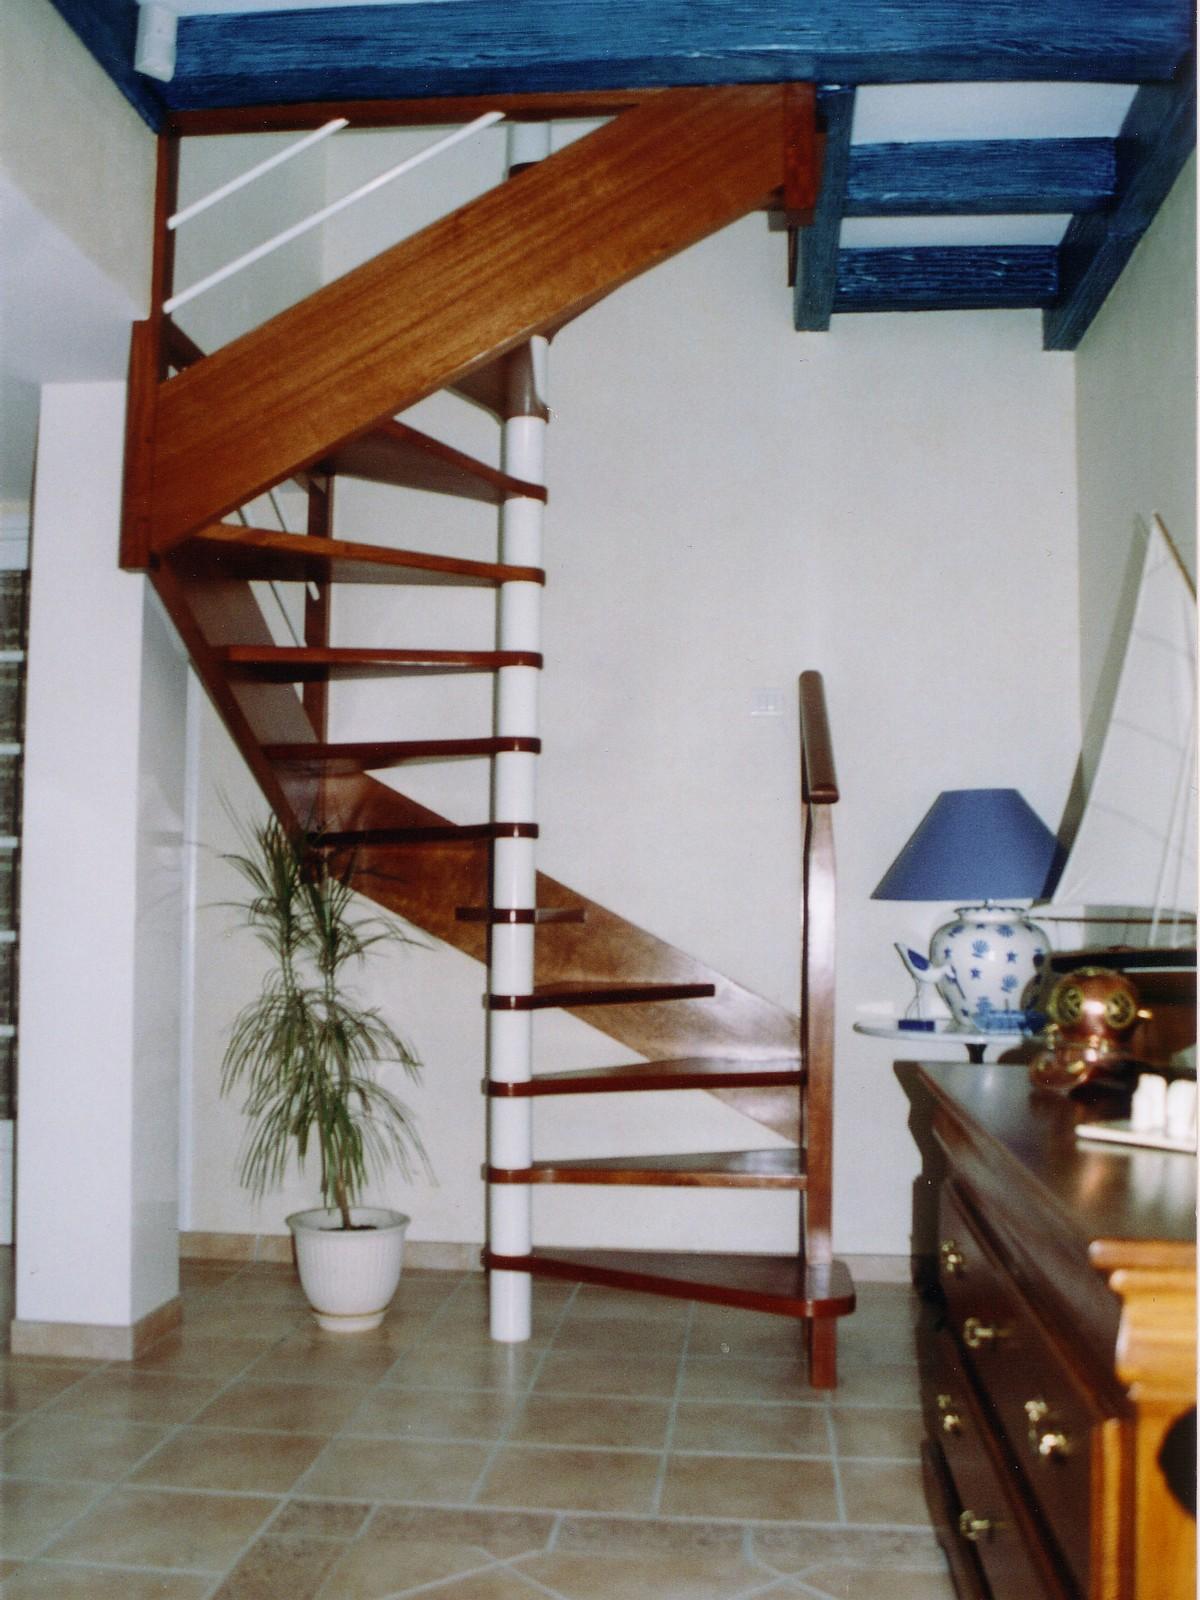 limons lat raux plan carr cr ation sur mesure d 39 escaliers 44. Black Bedroom Furniture Sets. Home Design Ideas